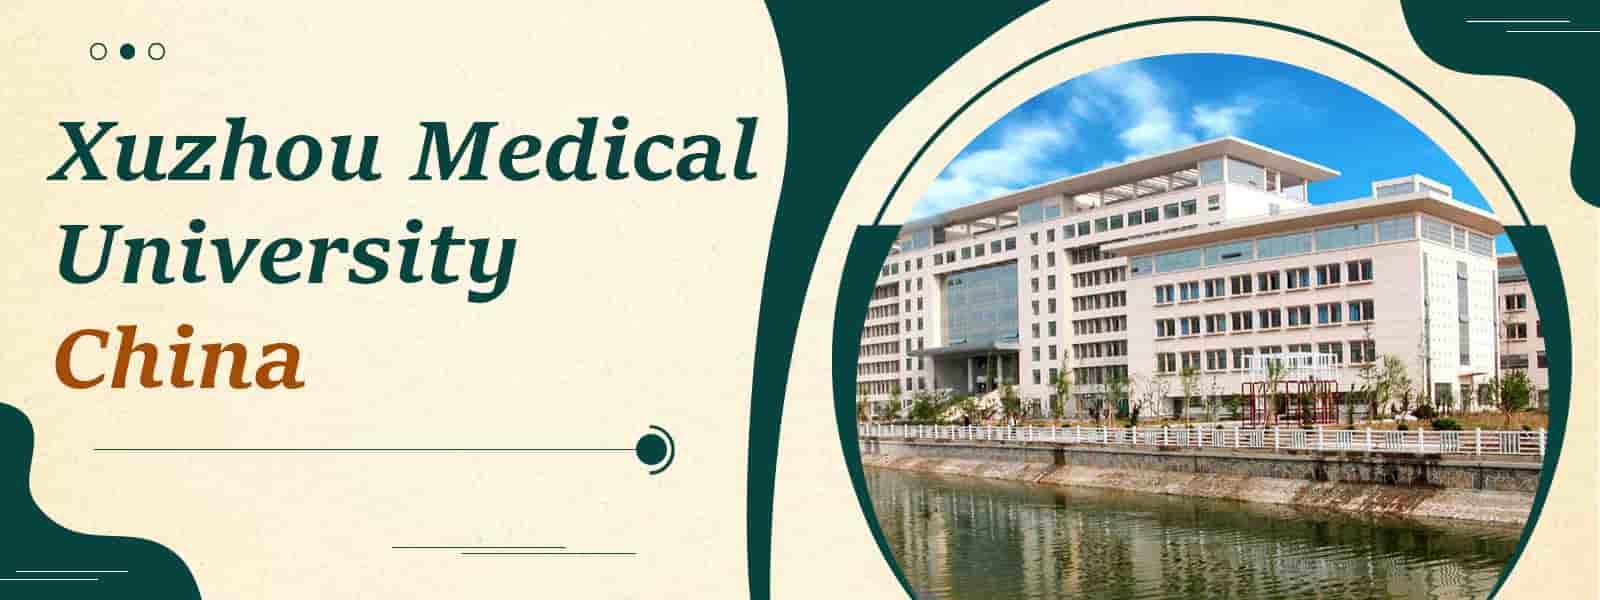 Xuzhou Medical University (XZMU Admission 2021)